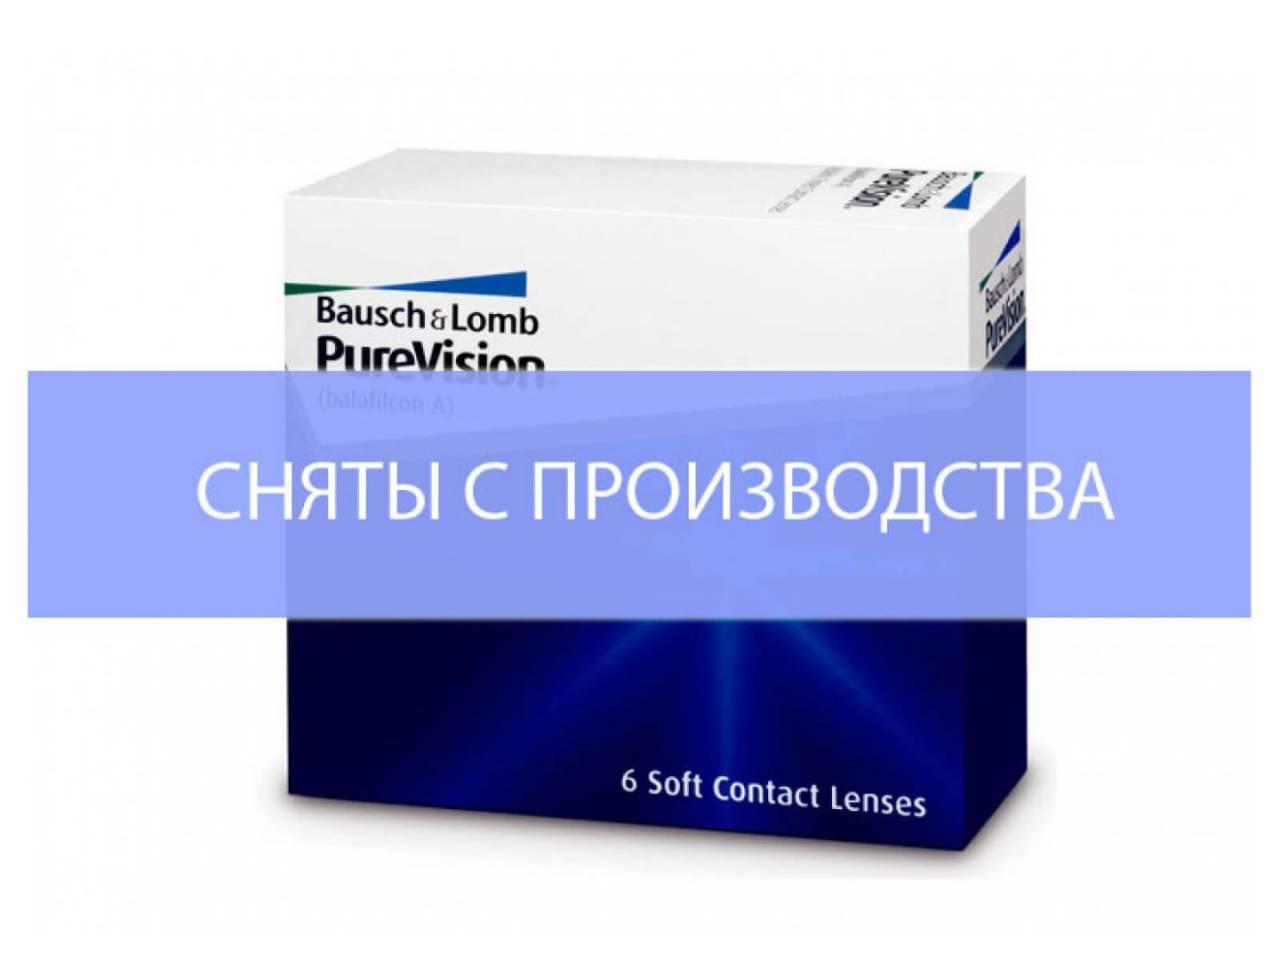 Месячные контактные линзы Bausch+Lomb Pure Vision - Фото №7